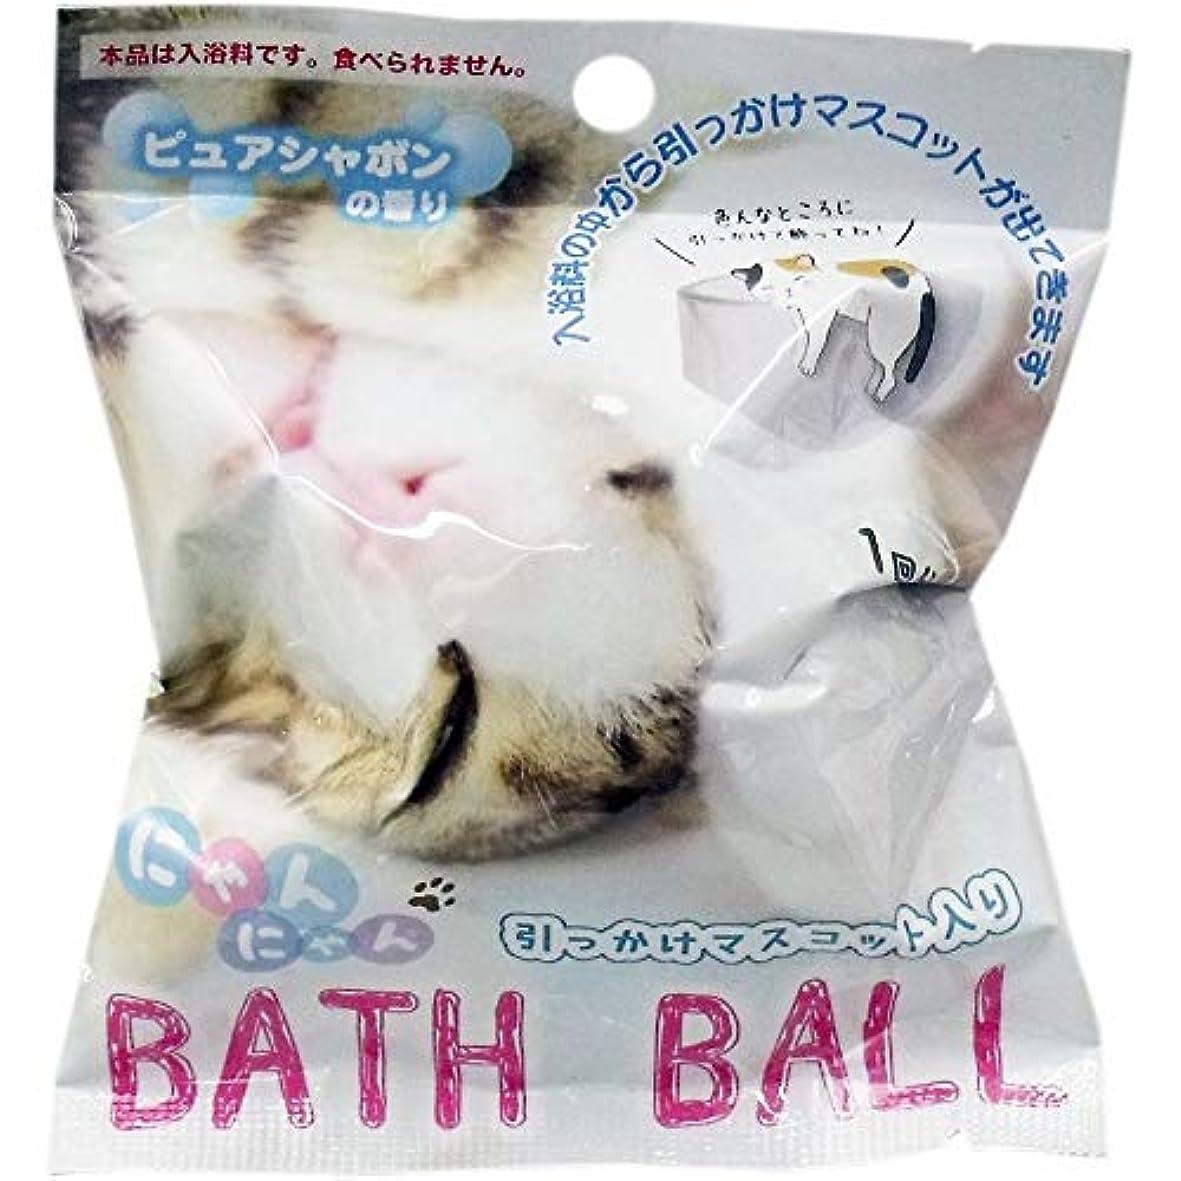 適用する心配豊富な【2個セット】 バスボール 入浴剤 中身はおまかせ 動物 にゃんにゃん ネコ 全5種 ピュアシャボンの香り